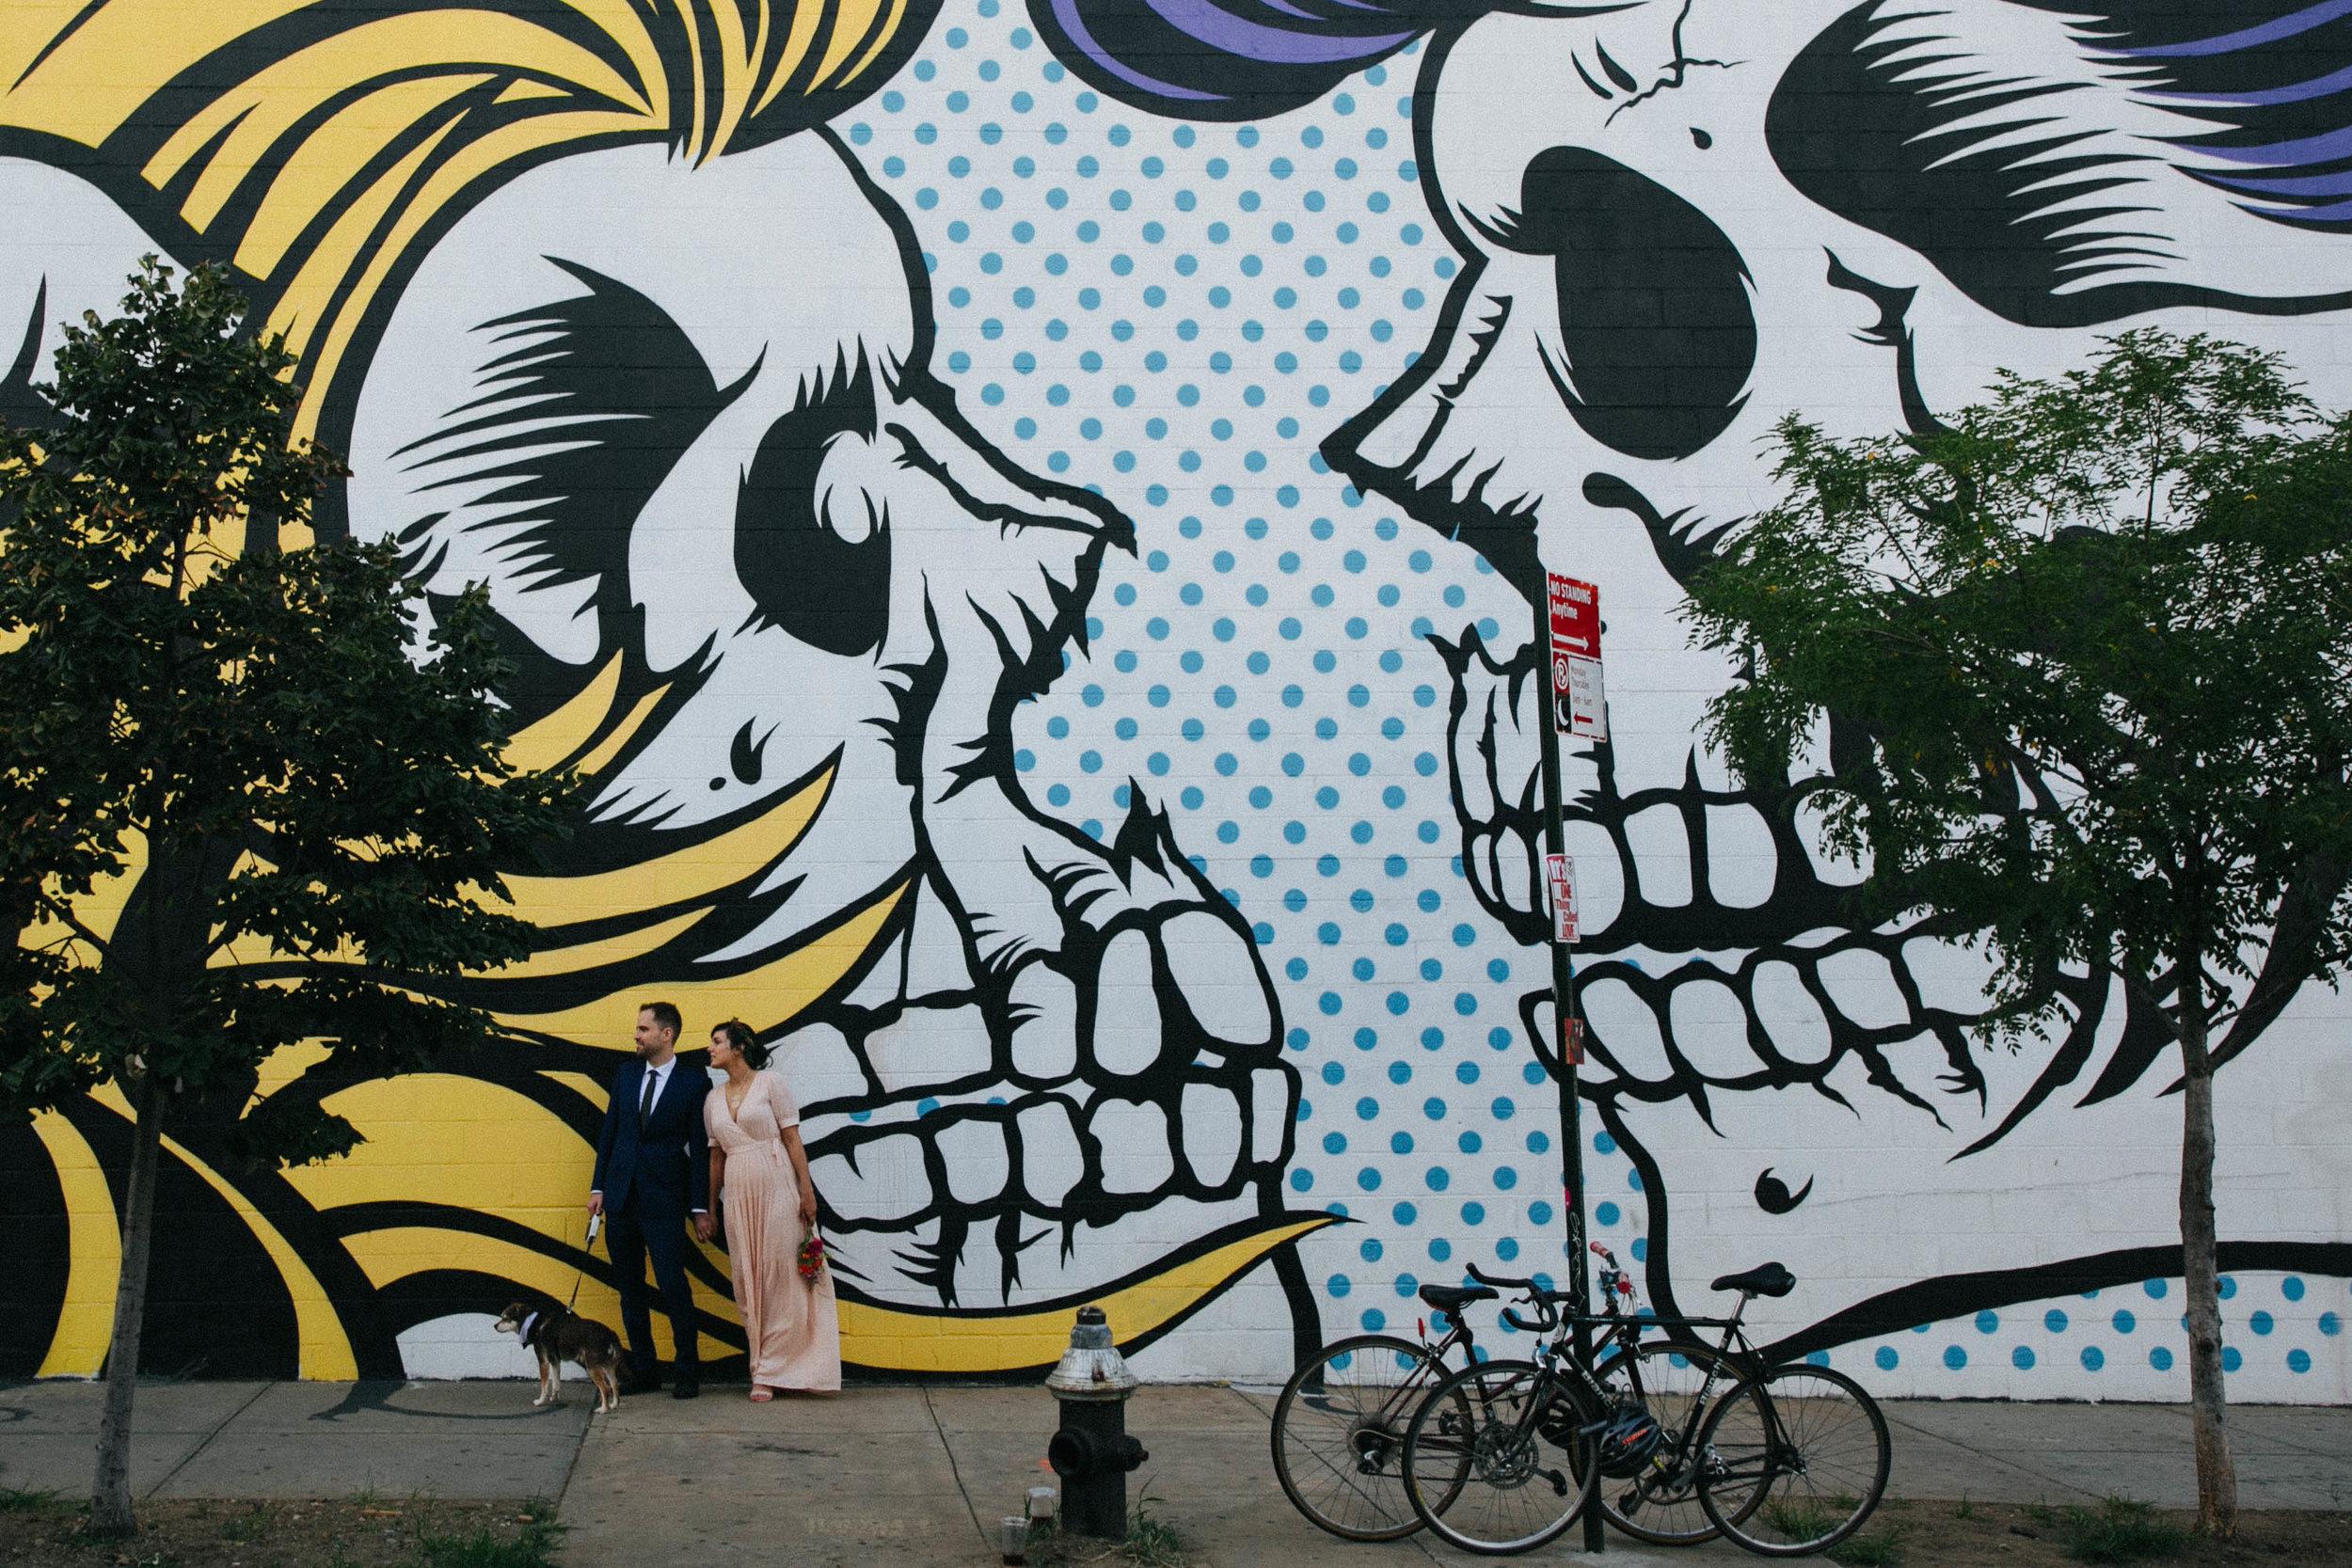 Coline + andrew - Brooklyn, NY